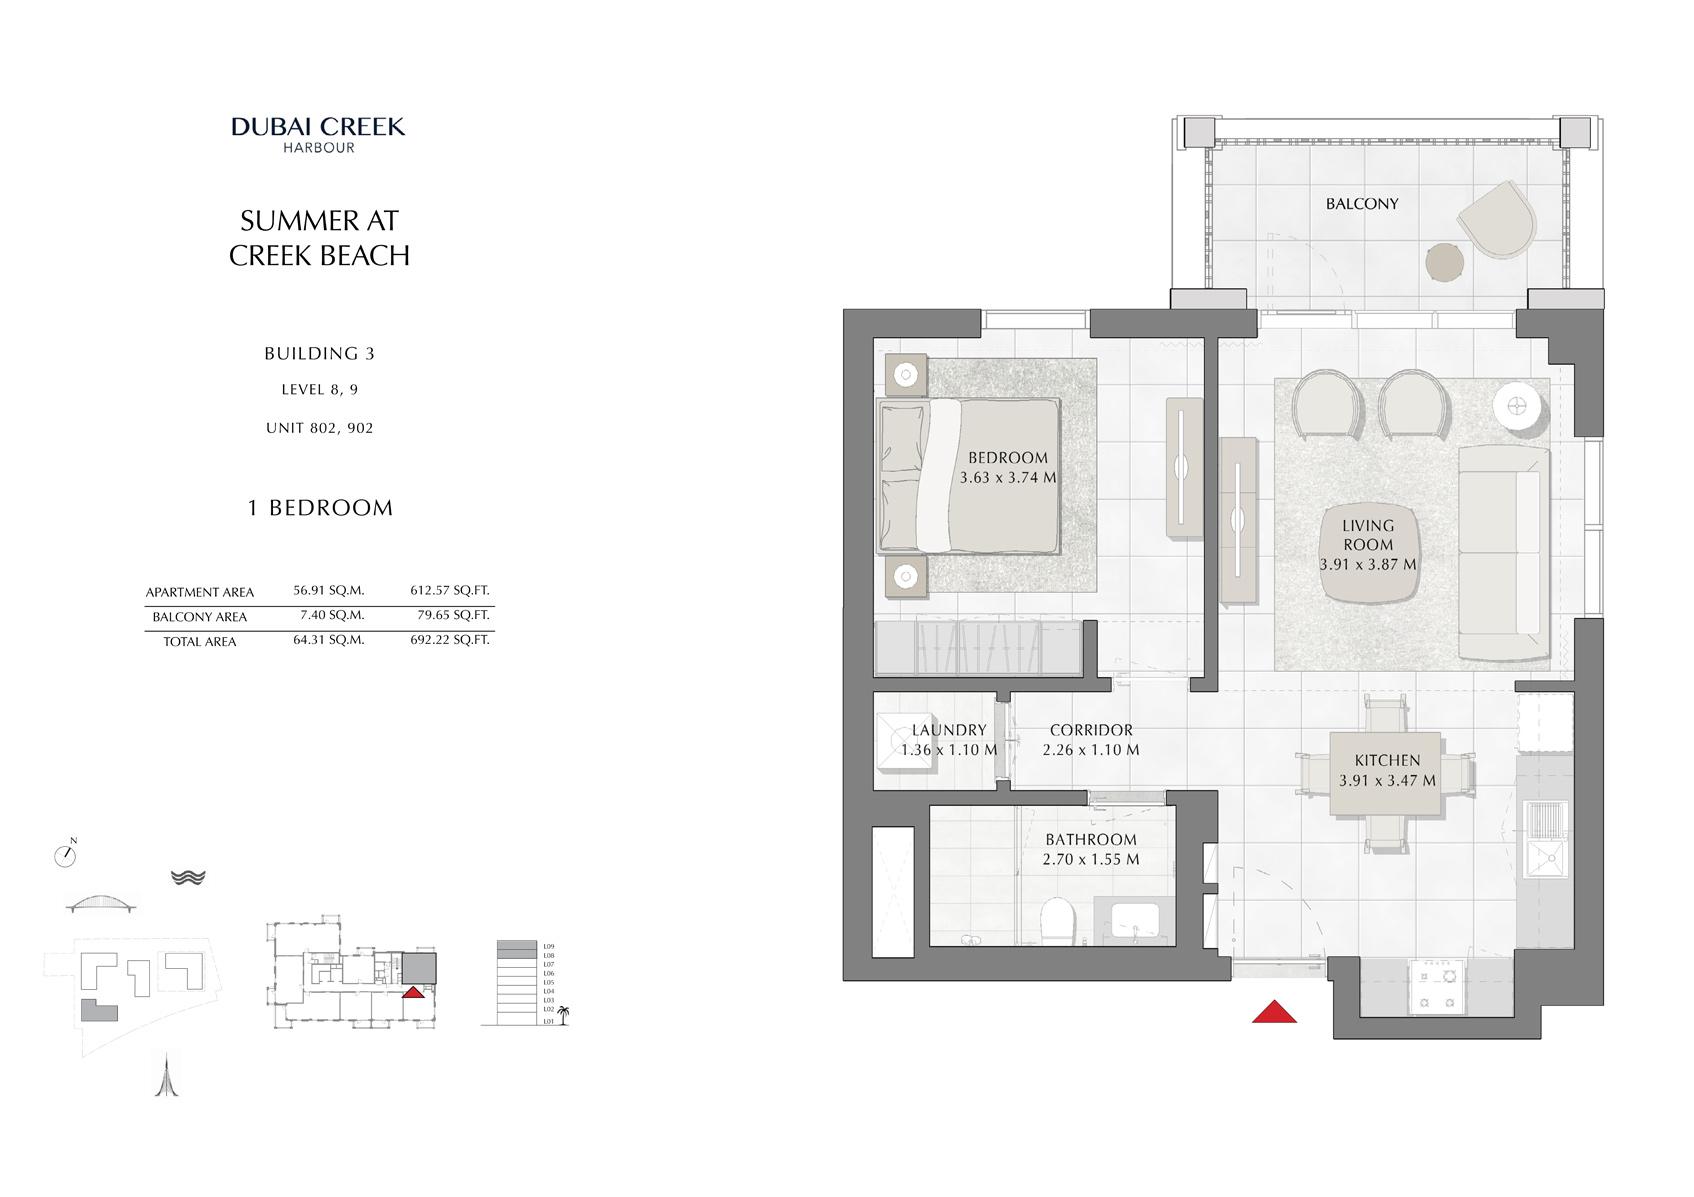 1 Br Building 3 Level-8-9 Unit 802-902, Size 692 Sq Ft